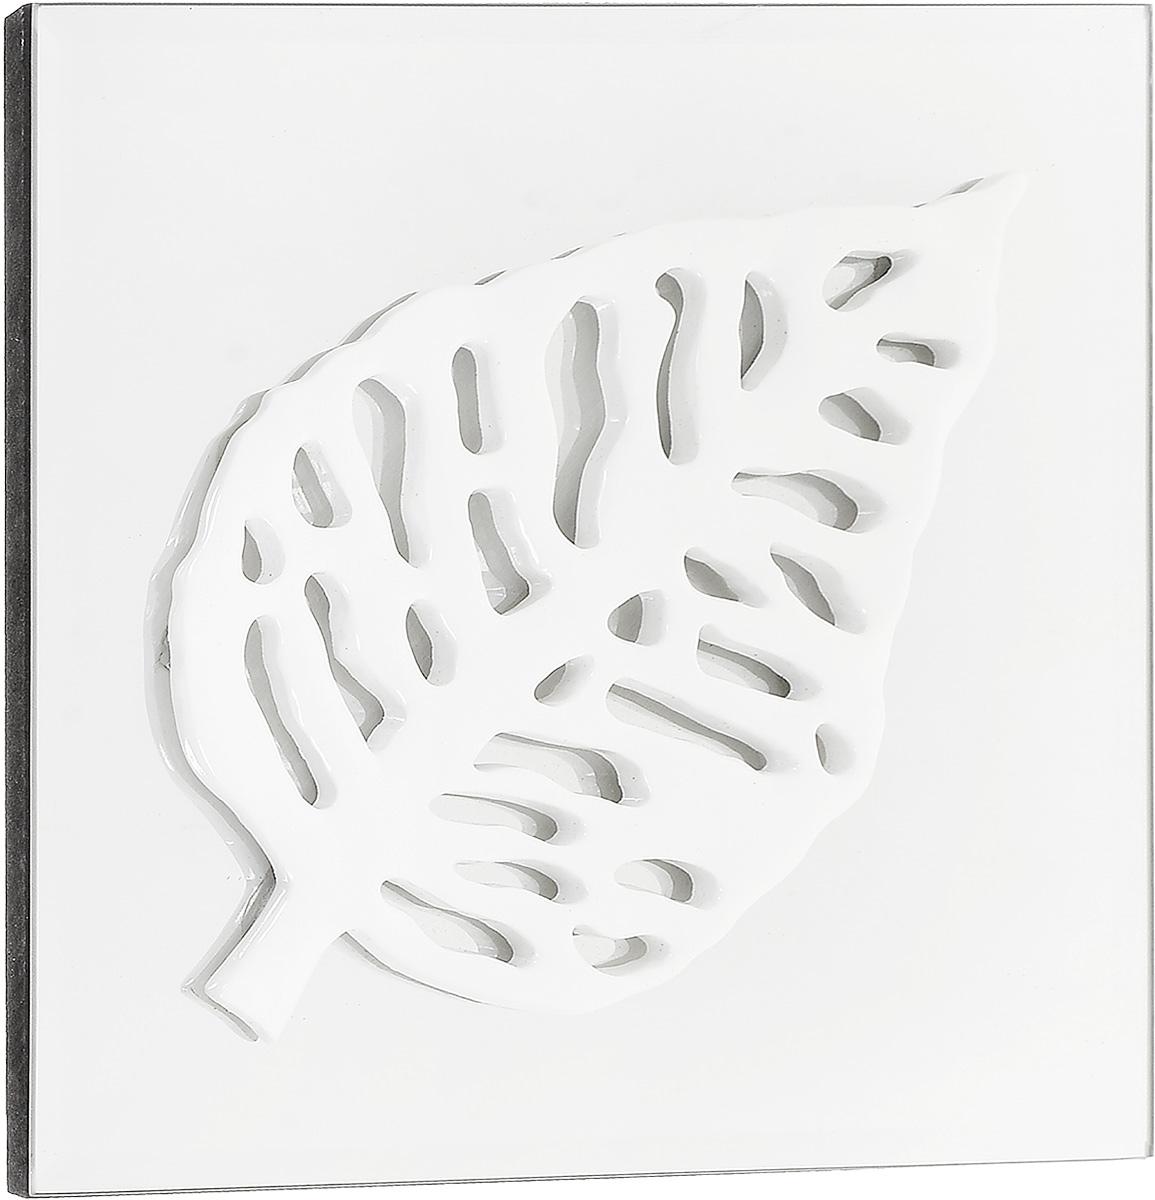 Украшение декоративное Феникс-Презент Листик, настенное, 24 x 24 x 2,3 см43415Настенное украшение Феникс-Презент Листик изготовлено из основы МДФ и зеркального стекла, декоративный элемент выполнен из полирезина в виде листка. Для удобства размещения изделие оснащено металлической петелькой для подвешивания. Такое украшение не только подчеркнет ваш изысканный вкус, но и прекрасным подарком, который обязательно порадует получателя.